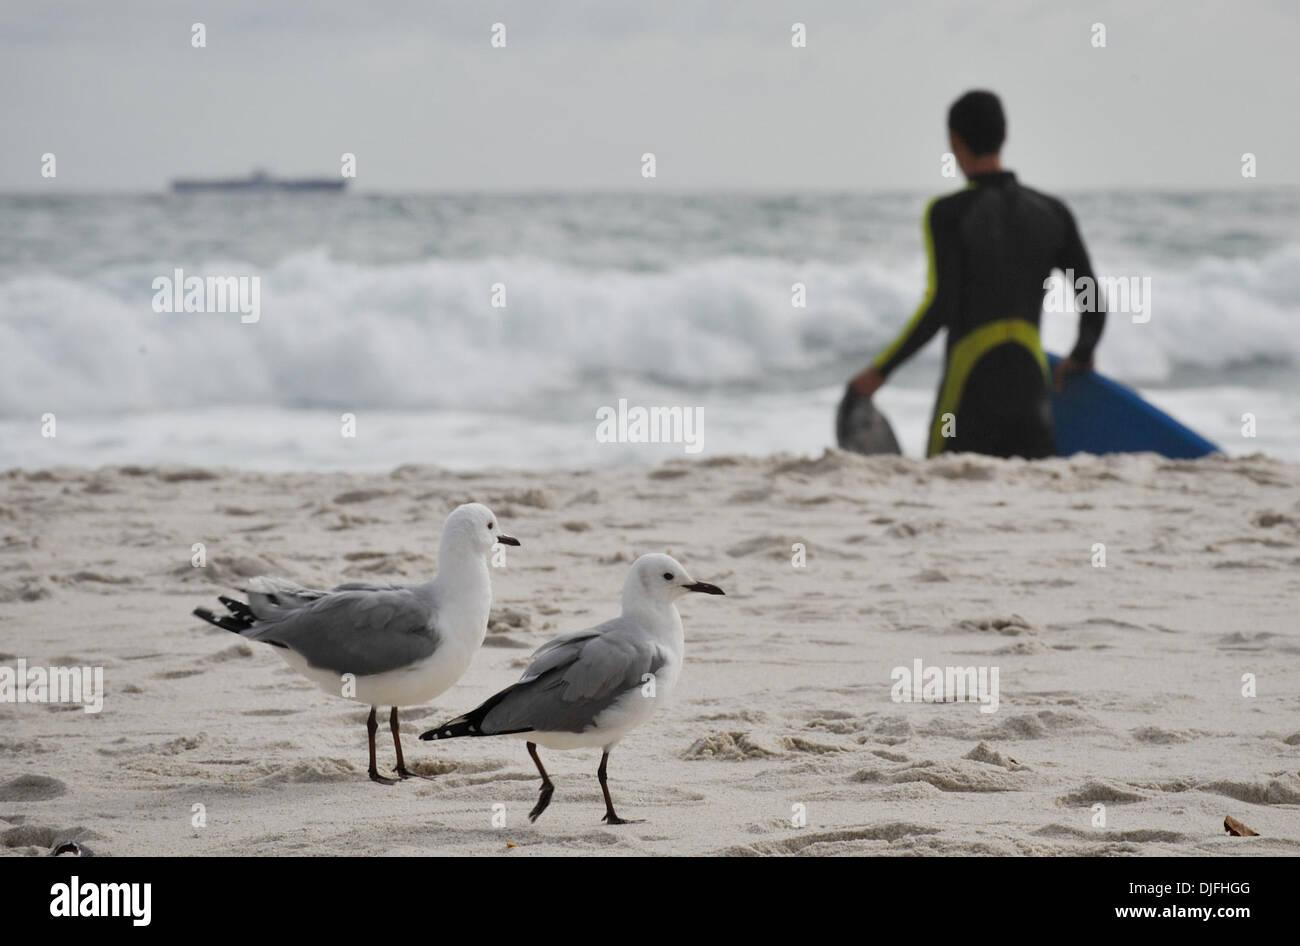 13. Juni 2010 Fuß - Cape Town, SOUTH AFRICA - Möwen am Strand von Camps Bay Vorort von Kapstadt Sonntag, 13. Juni 2010 in Südafrika. (Kredit-Bild: © Mark Sobhani/ZUMApress.com) Stockfoto